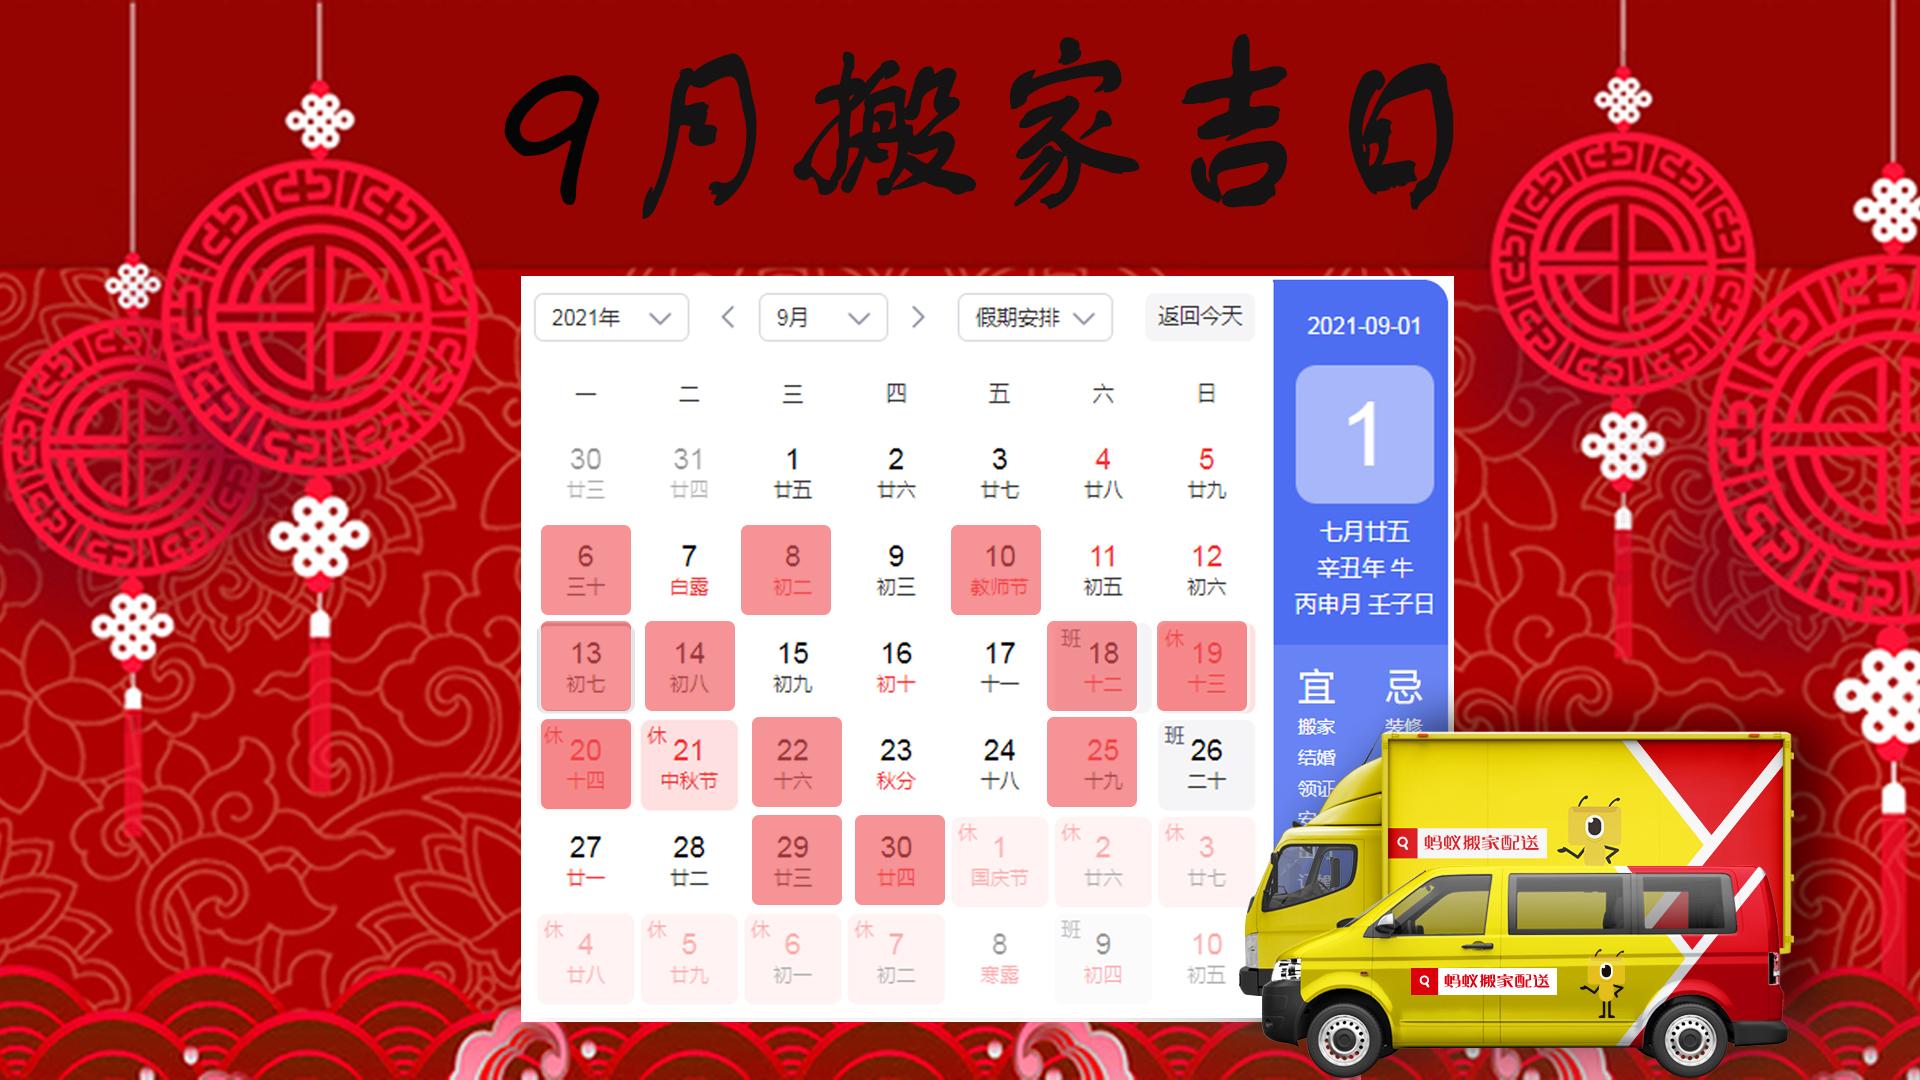 2021年9月份搬家黃道吉日快速查詢預覽【螞蟻搬家】